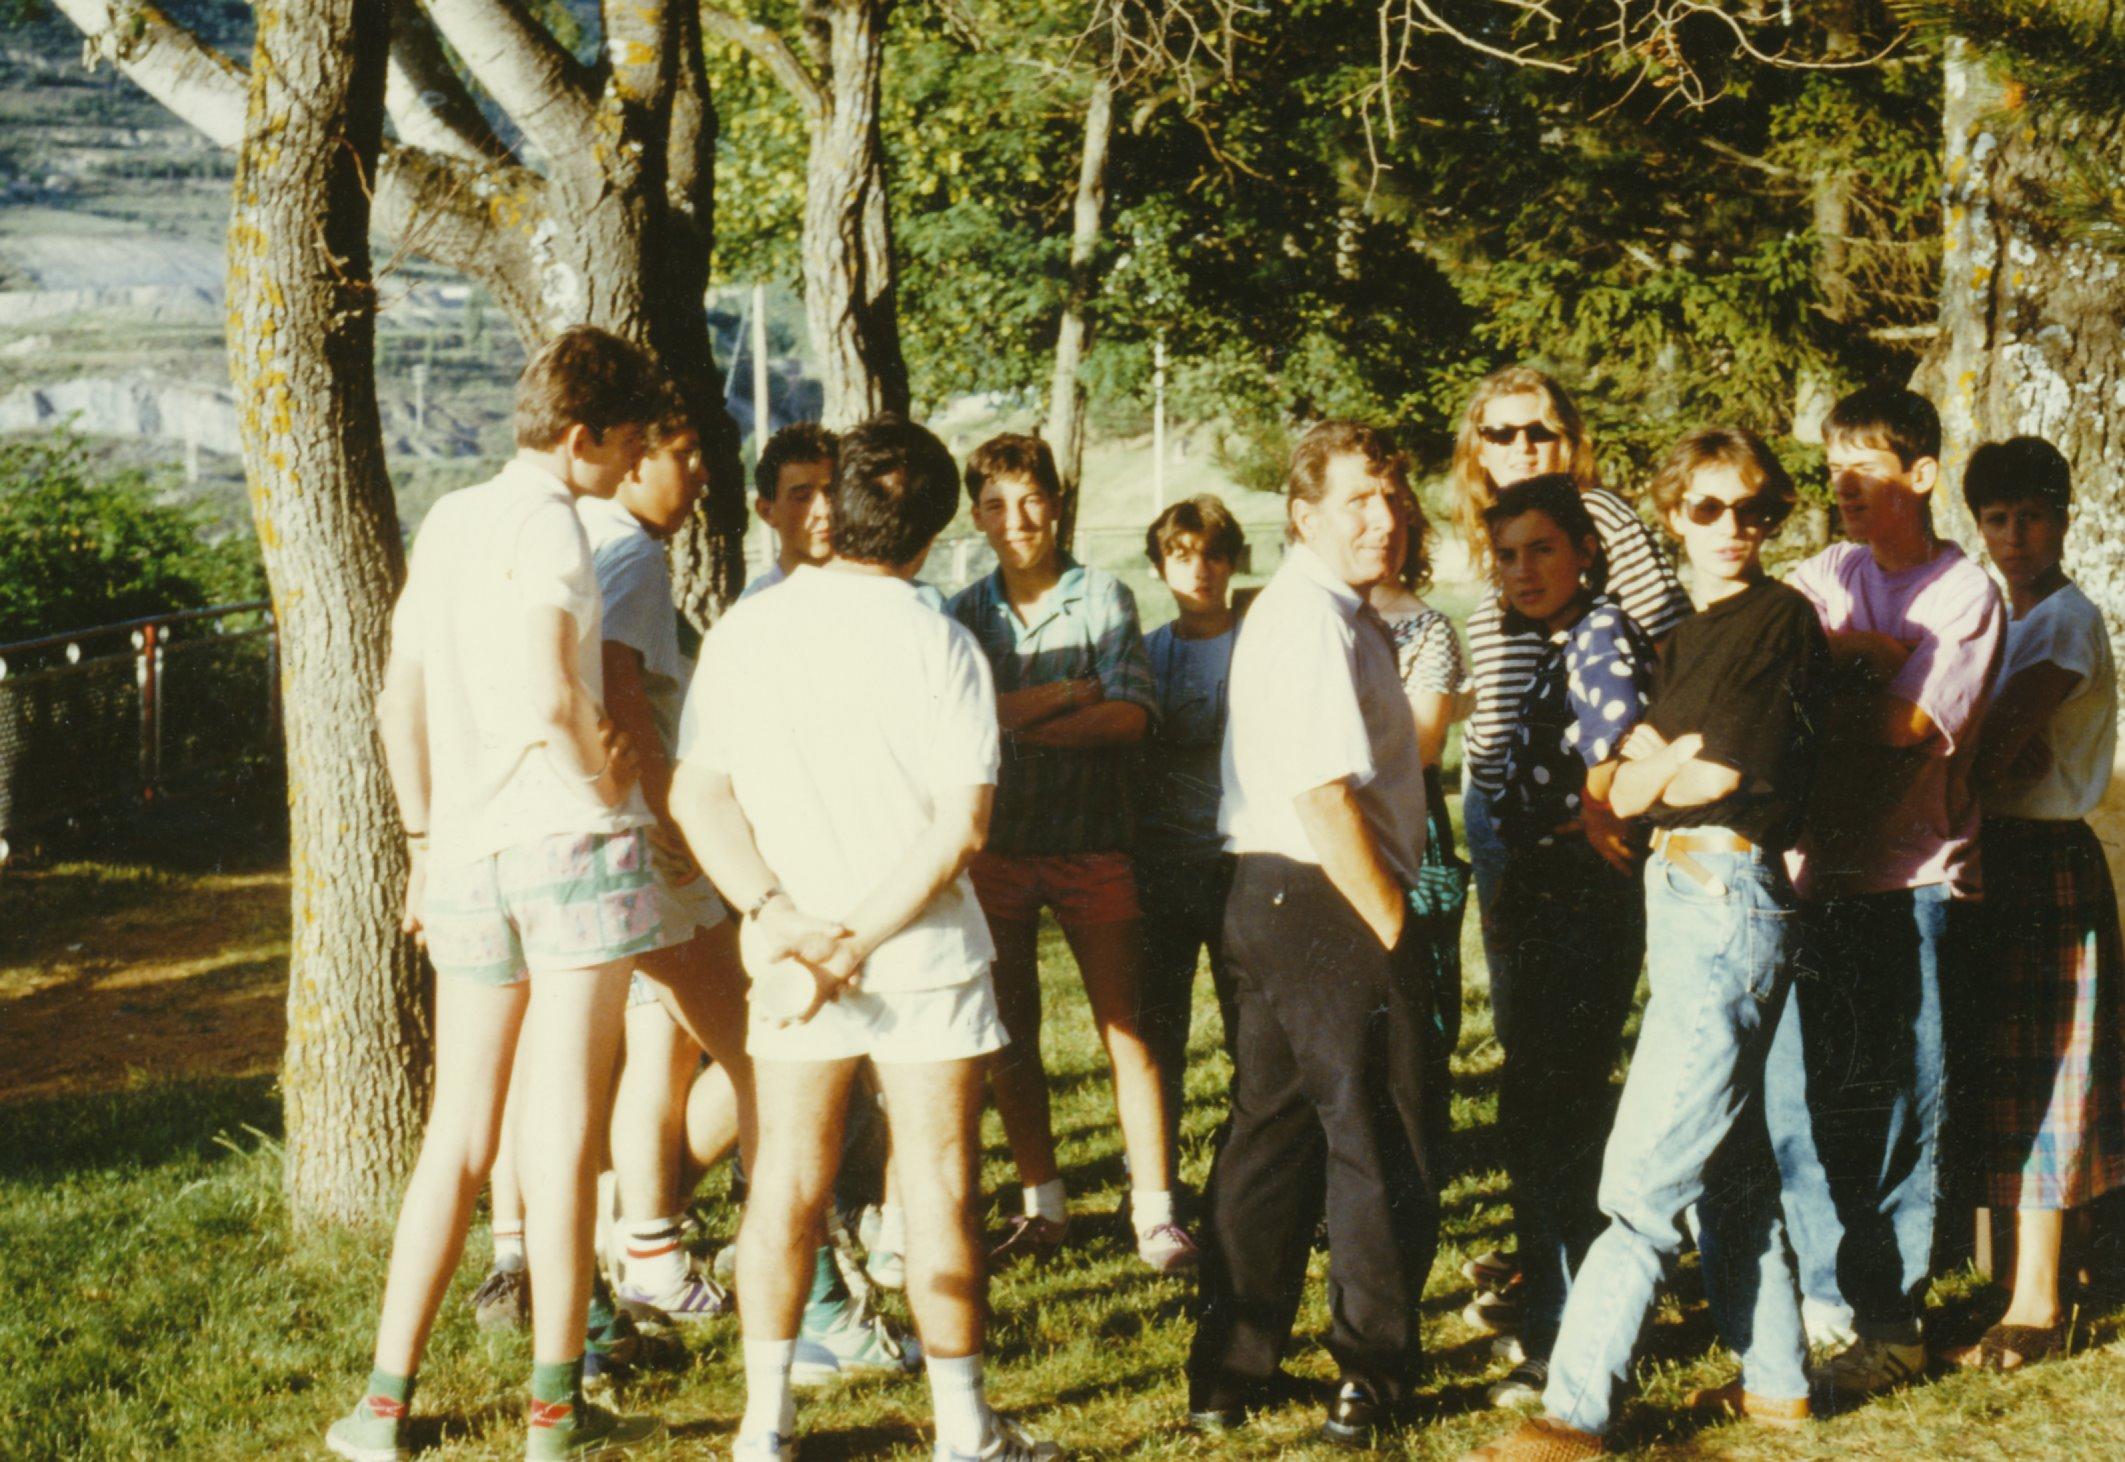 Archives anciens élèves mfr puy-sec 1989 (10)